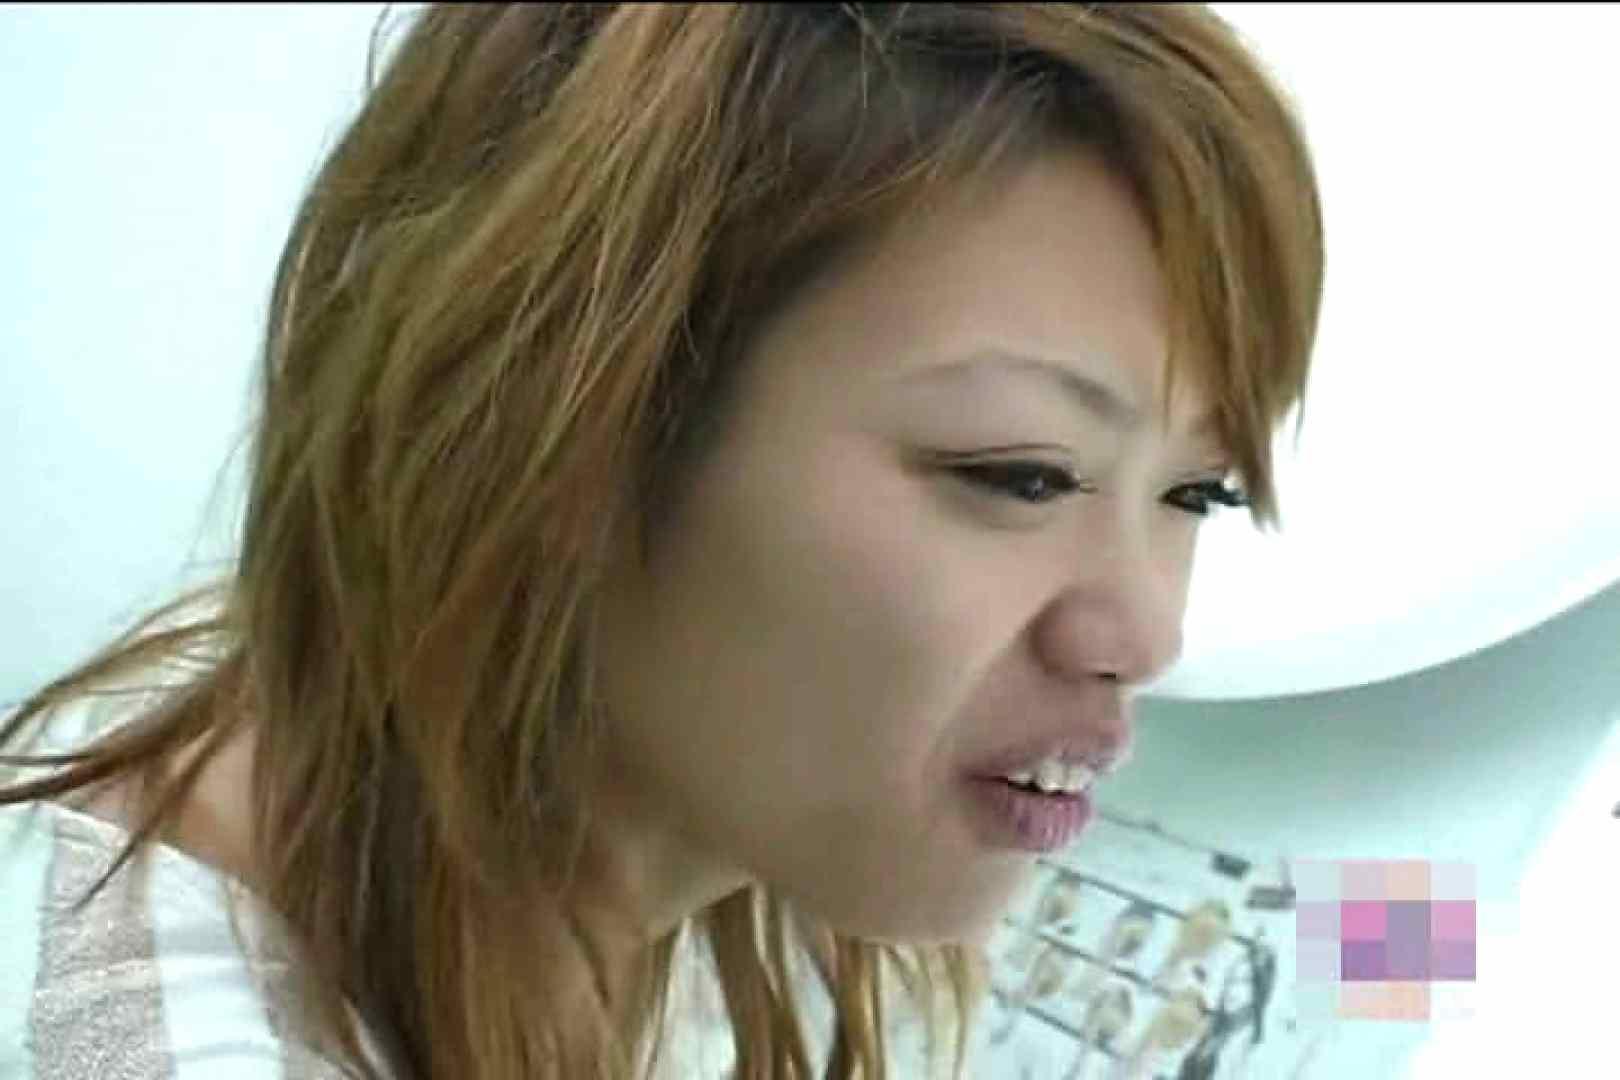 大胆露出胸チラギャル大量発生中!!Vol.6 OLヌード天国 オメコ動画キャプチャ 86PIX 47